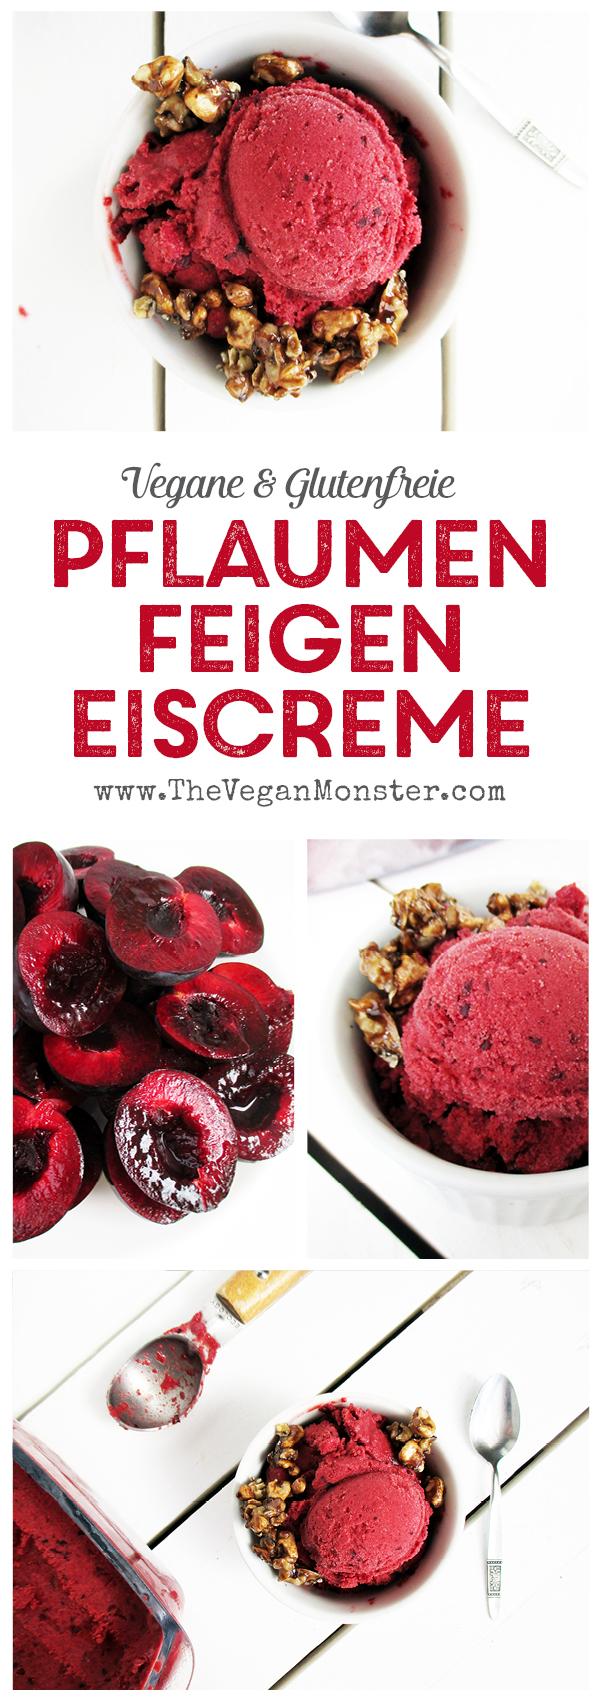 Pflaumen Feigen Eiscreme Vegan Glutenfrei Rezept